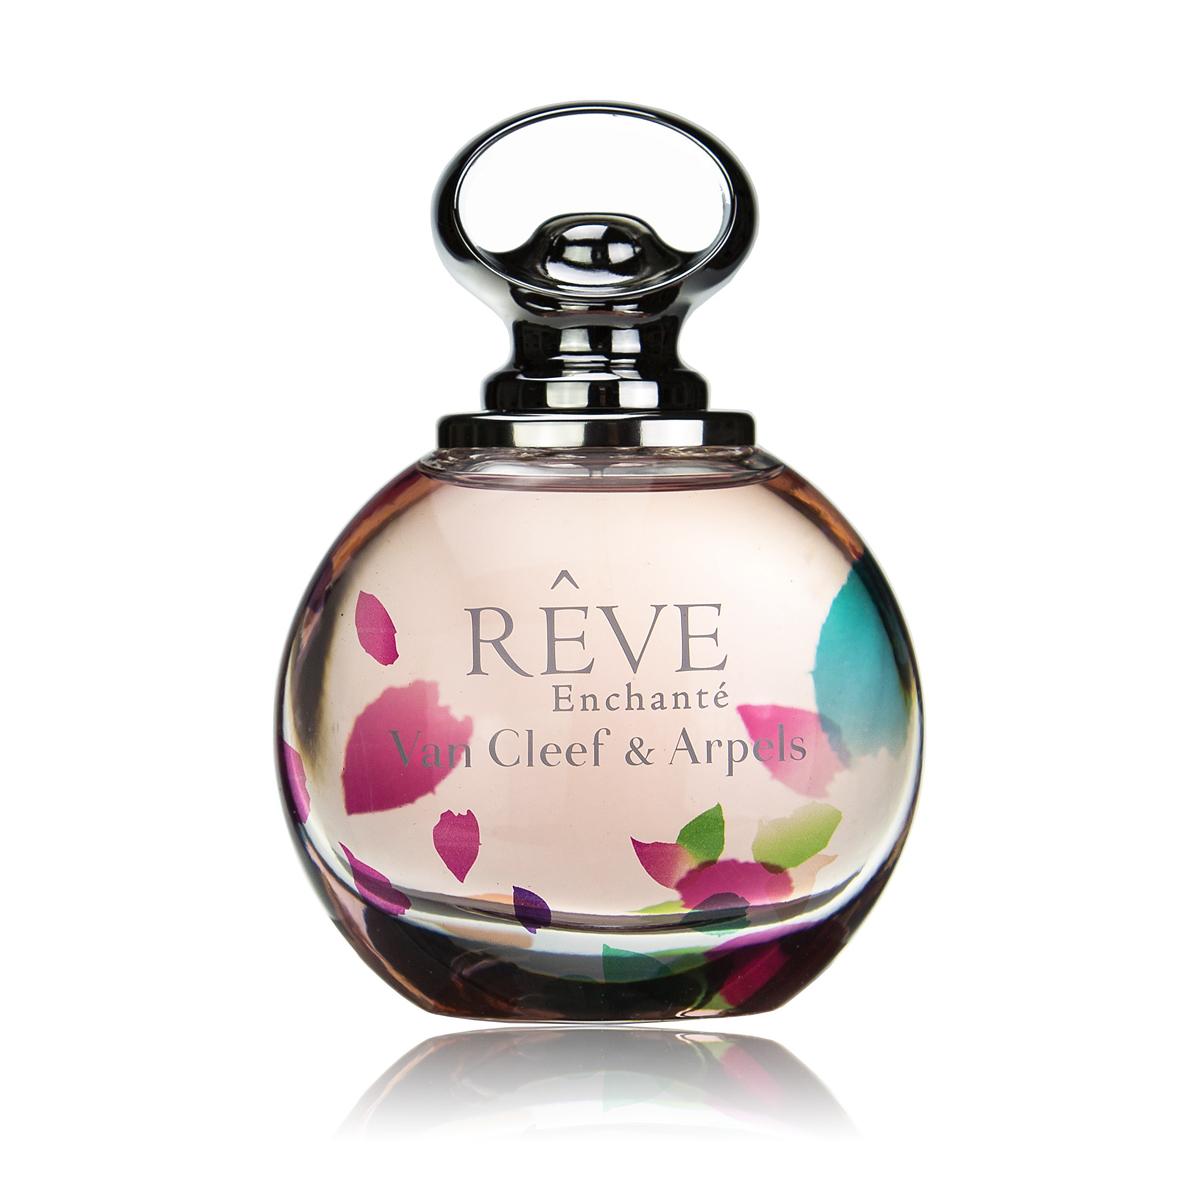 Van Cleef Reve Enchante Парфюмерная вода женская спрей 100 млDB4010(DB4.510)_белоснежкаУтонченный женский аромат Van Cleef & Arpels Reve Enchante, выпущенный в 2015 году известным французским брендом Van Cleef & Arpels стал открытием года. Над созданием этой нежный цветочно-фруктовый новинки работал парфюмер Эмиль Копперман. Ему удалось выпустить для ювелирного бренда романтичный и волнующий коктейль. Аромат является дополнением к весенней ювелирной коллекции бренда, а потому подчеркивает деликатность, элегантность и роскошь. Данная парфюмерная является продолжением традиций ювелирного дома и фланкером уже полюбившегося аромата 2013 года Reve. В новой редакции аромат Van Cleef & Arpels Reve Enchante звучит более трогательно и воздушно. В нем отражается особая деликатность и нежность. Необыкновенно приятный изысканный коктейль адресован молодым и романтичным женщинам, для которых были собраны сочные дольки клементина и груши, украшенные цветами персика и жасмина. Сливочная белая амбра делает аромат еще более роскошным.